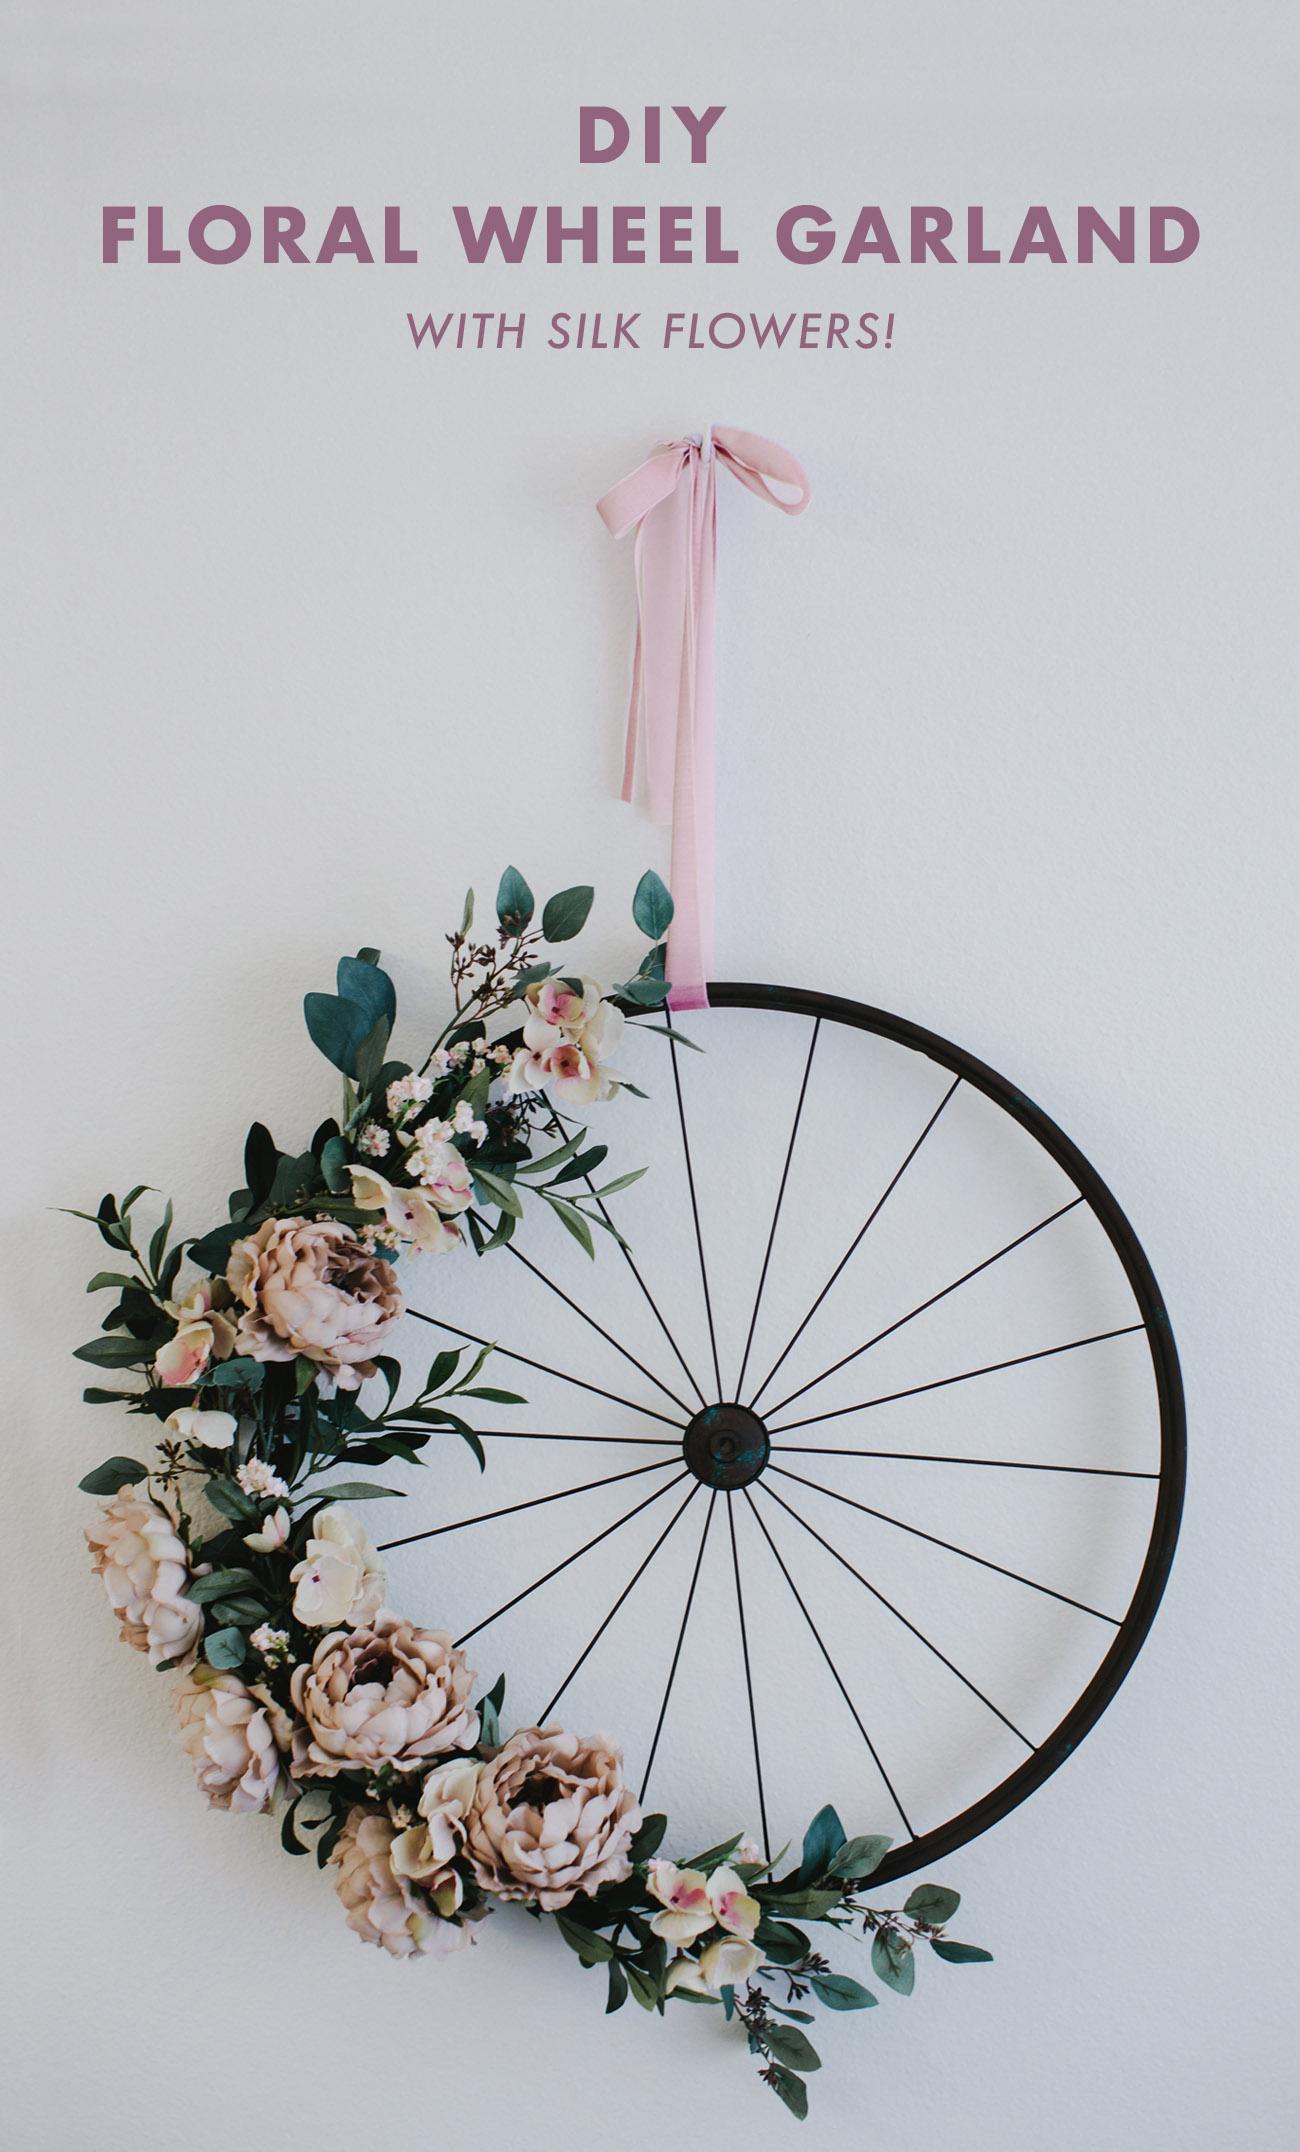 DIY Silk Flower Wheel Garland